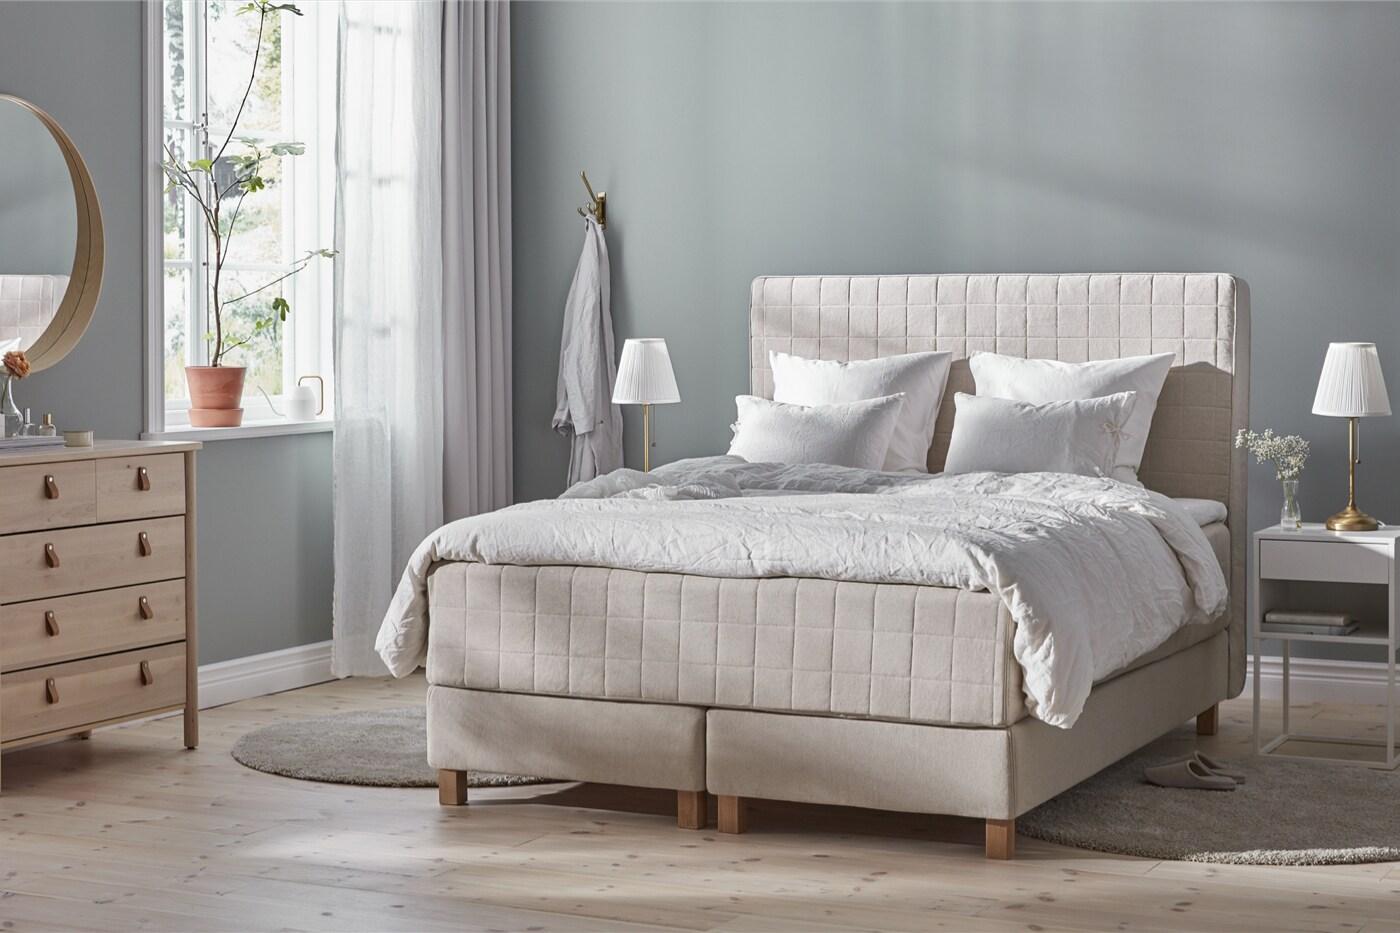 Schlafzimmer & Schlafzimmermöbel für dein Zuhause   IKEA ...